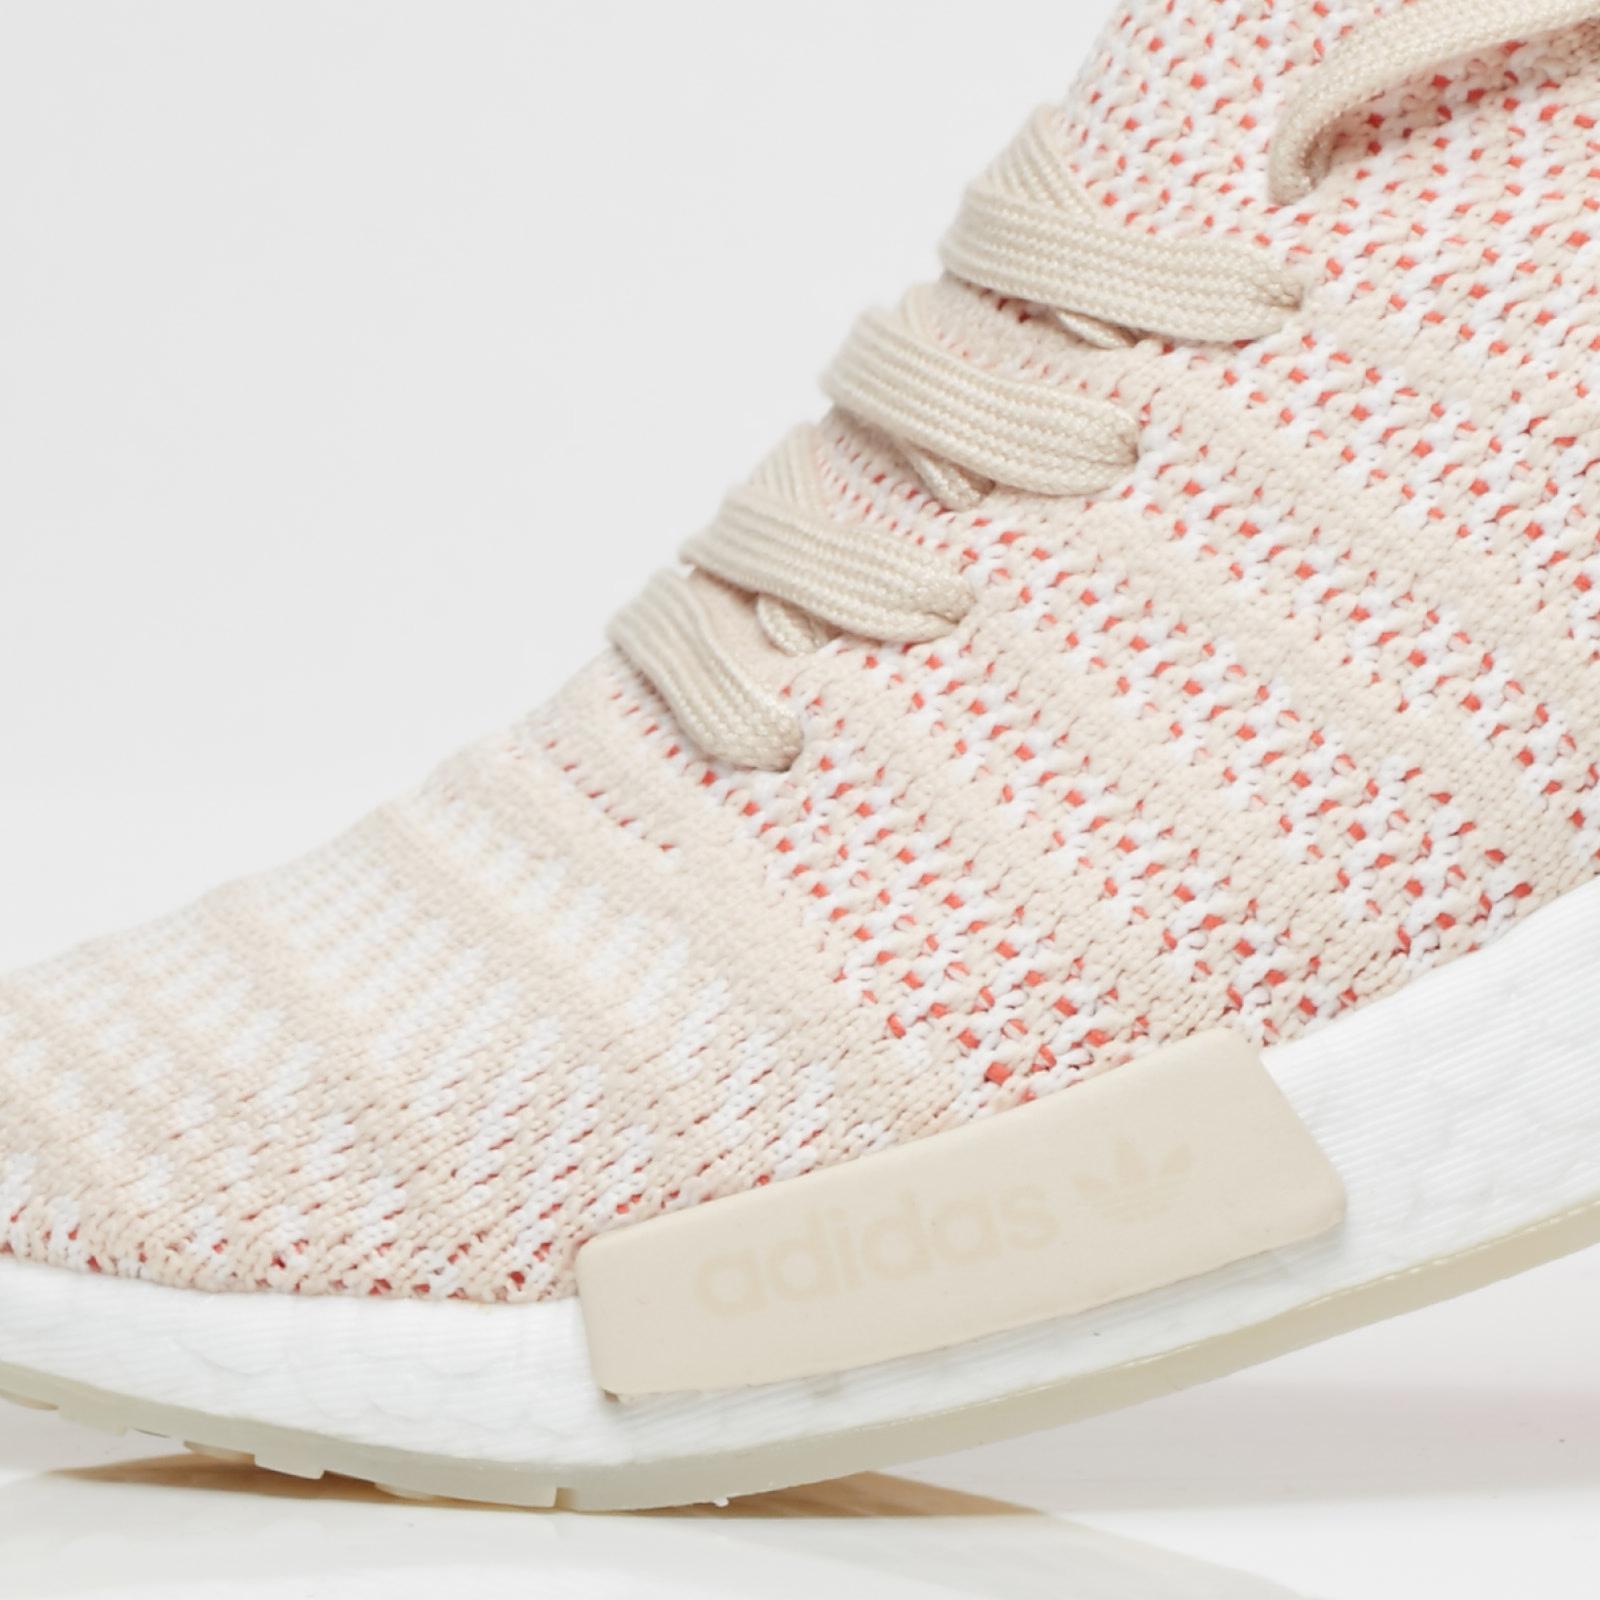 34246052d2d07 adidas NMD R1 Stlt PK W - Cq2030 - Sneakersnstuff